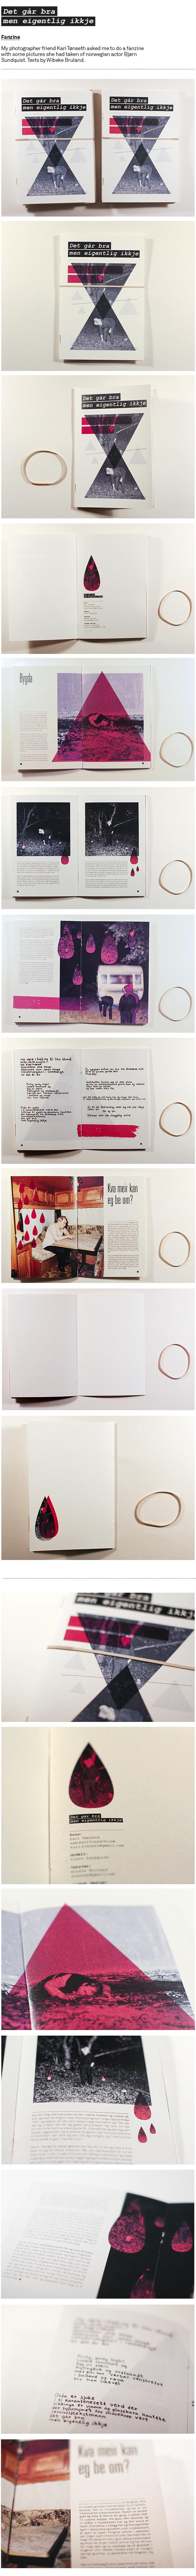 Det går bra – fanzine on Behancehttp://www.behance.net/gallery/Det-gAr-bra-a-fanzine/397680 #zine